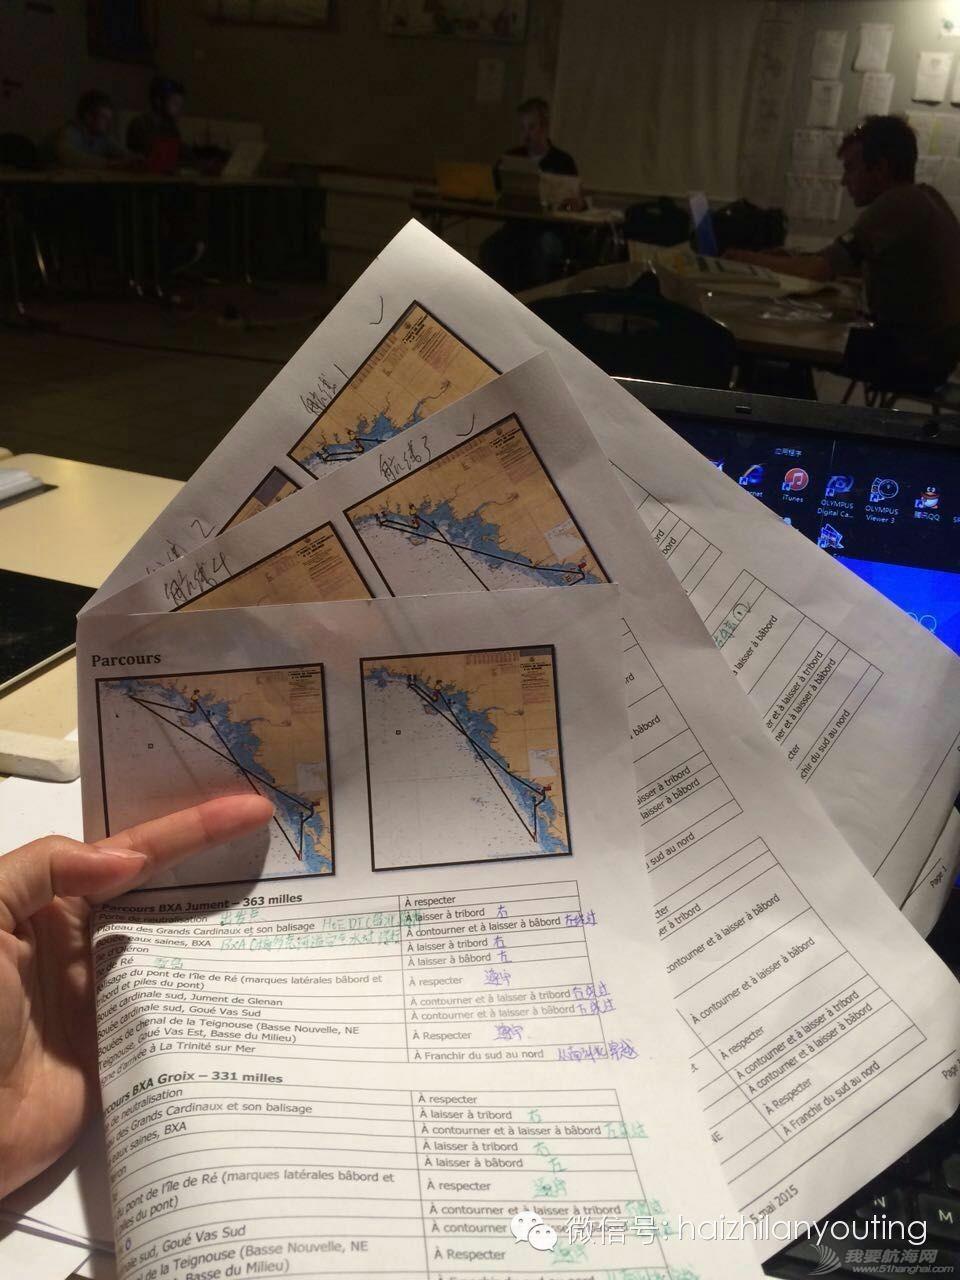 """通讯设备,国际帆联,航海技术,大西洋,培训机构,通讯设备,国际帆联,航海技术,大西洋,培训机构 徐京坤的新梦想----参加2015年""""MINI TRANSAT 650级别单人横渡大西洋帆船赛"""". e7847c27a6c42b5bf241b89fa30710e7.jpg"""